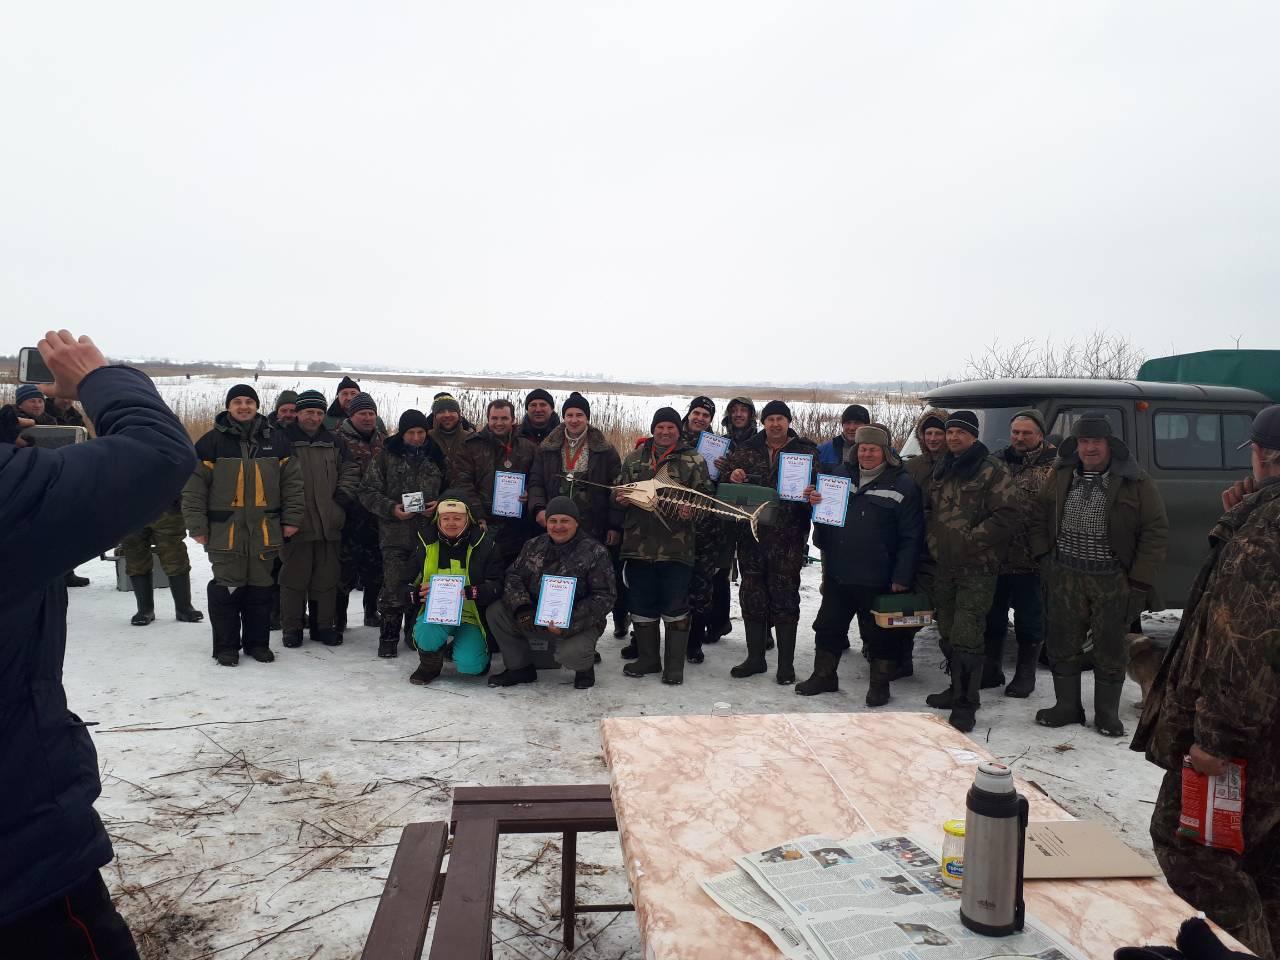 Ну в общем да, не сильно рыбный месяц ... | Отчеты о рыбалке в Беларуси